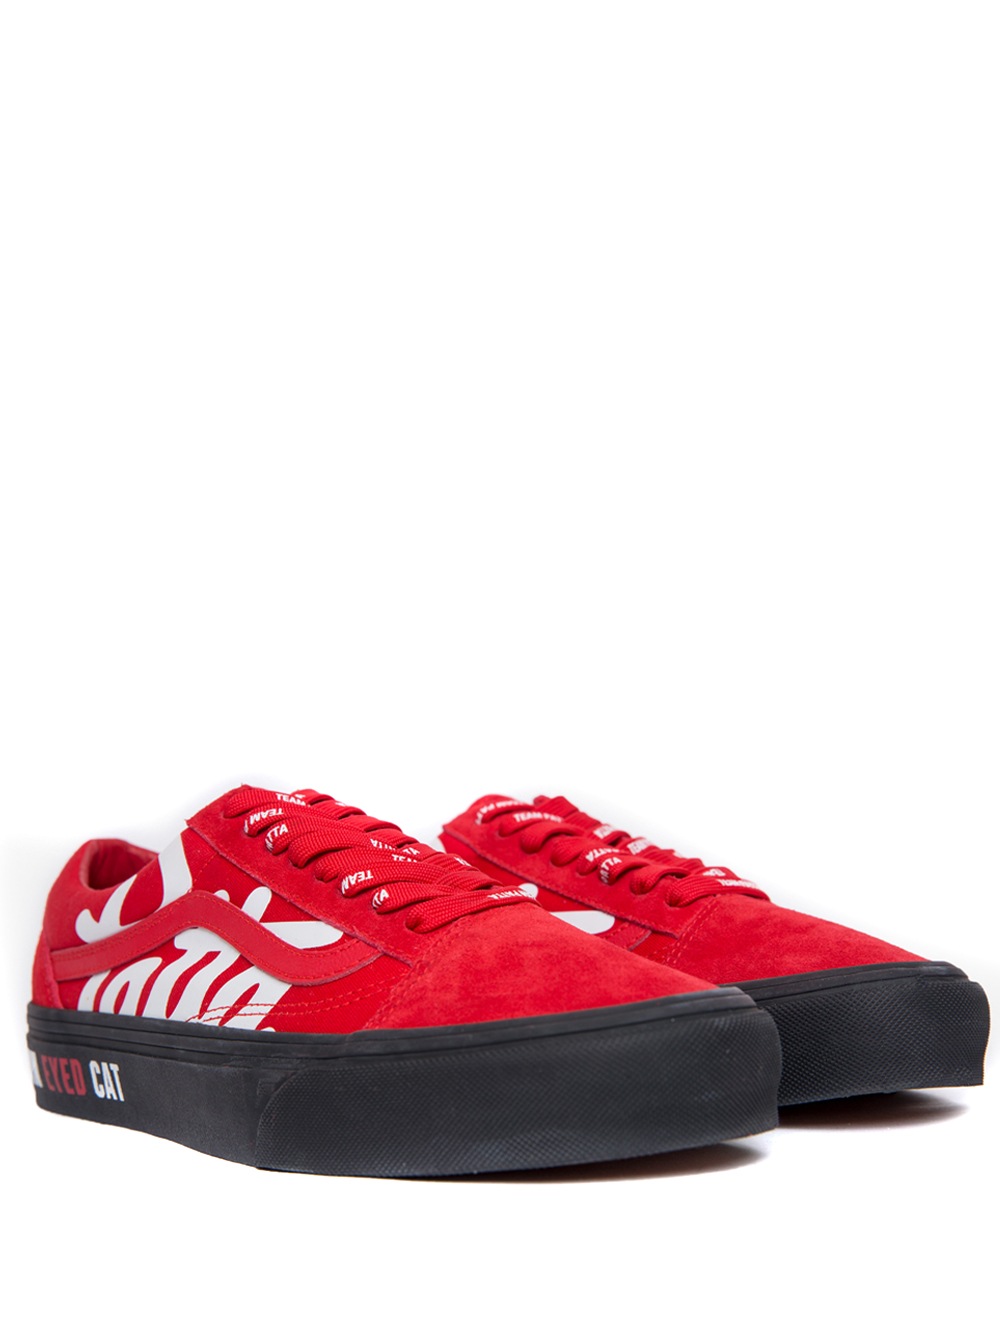 ua old skool vlt lx sneakers unisex red VANS VAULT X PATTA | Sneakers | VN0A4BVF5X81